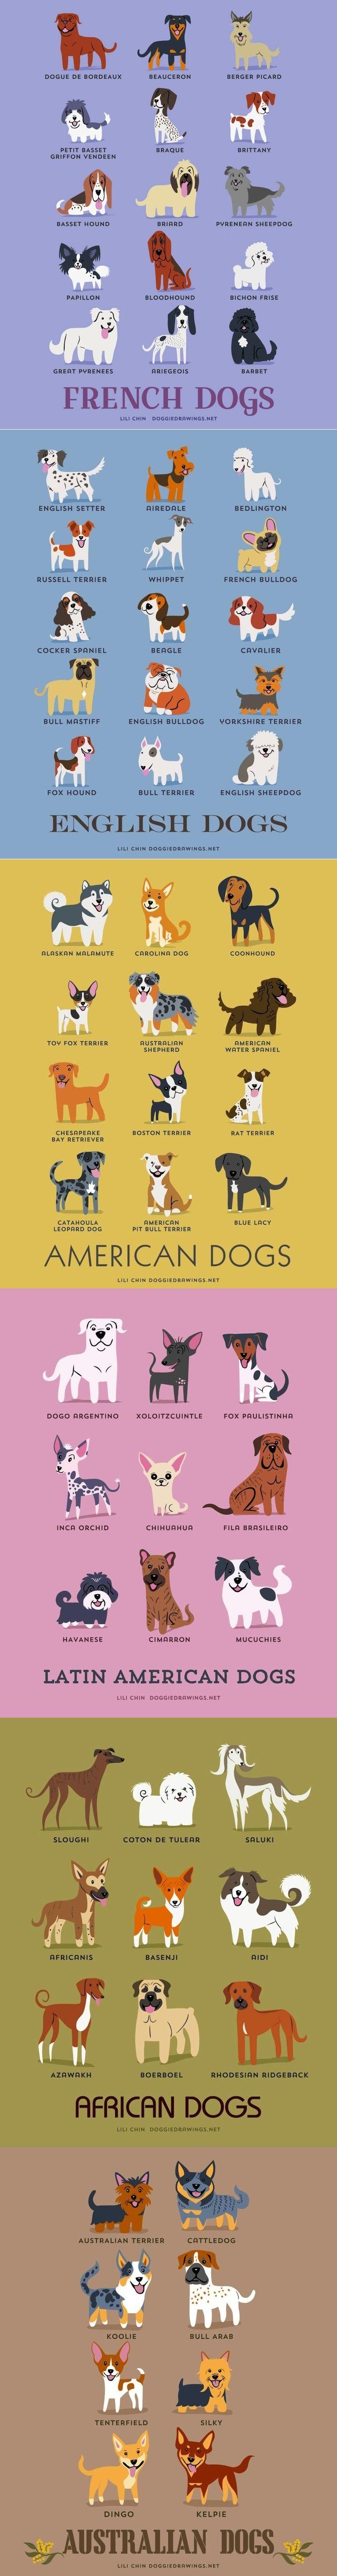 pinterest.com/fra411 #illustration #dogs around the world